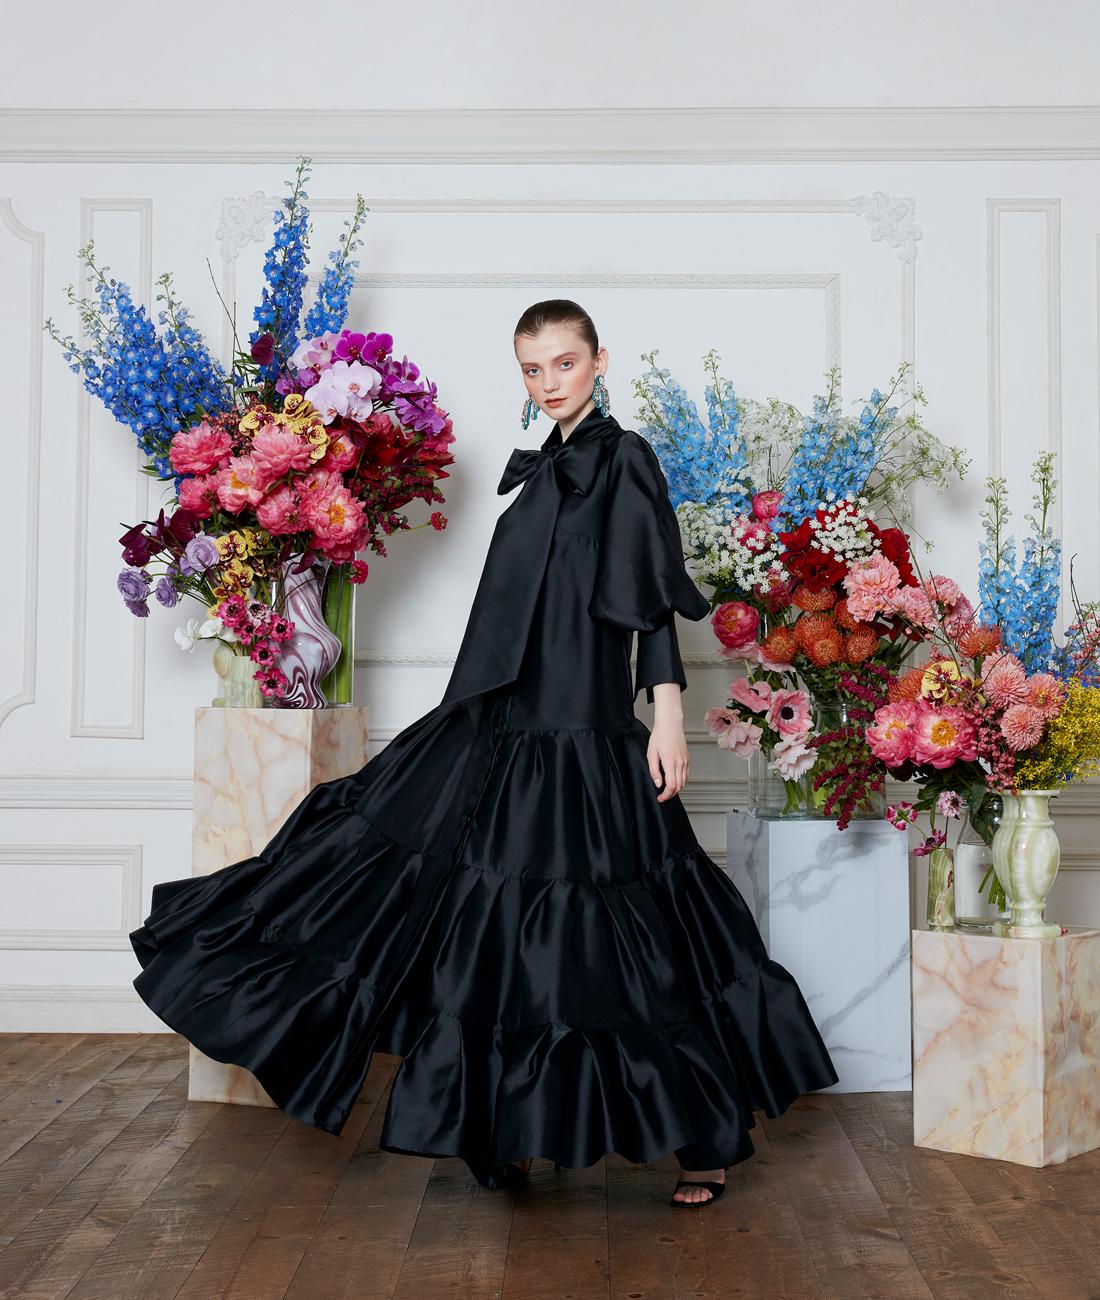 レンタルドレス、半袖と長袖の赤いレースワンピースを着た女性2人